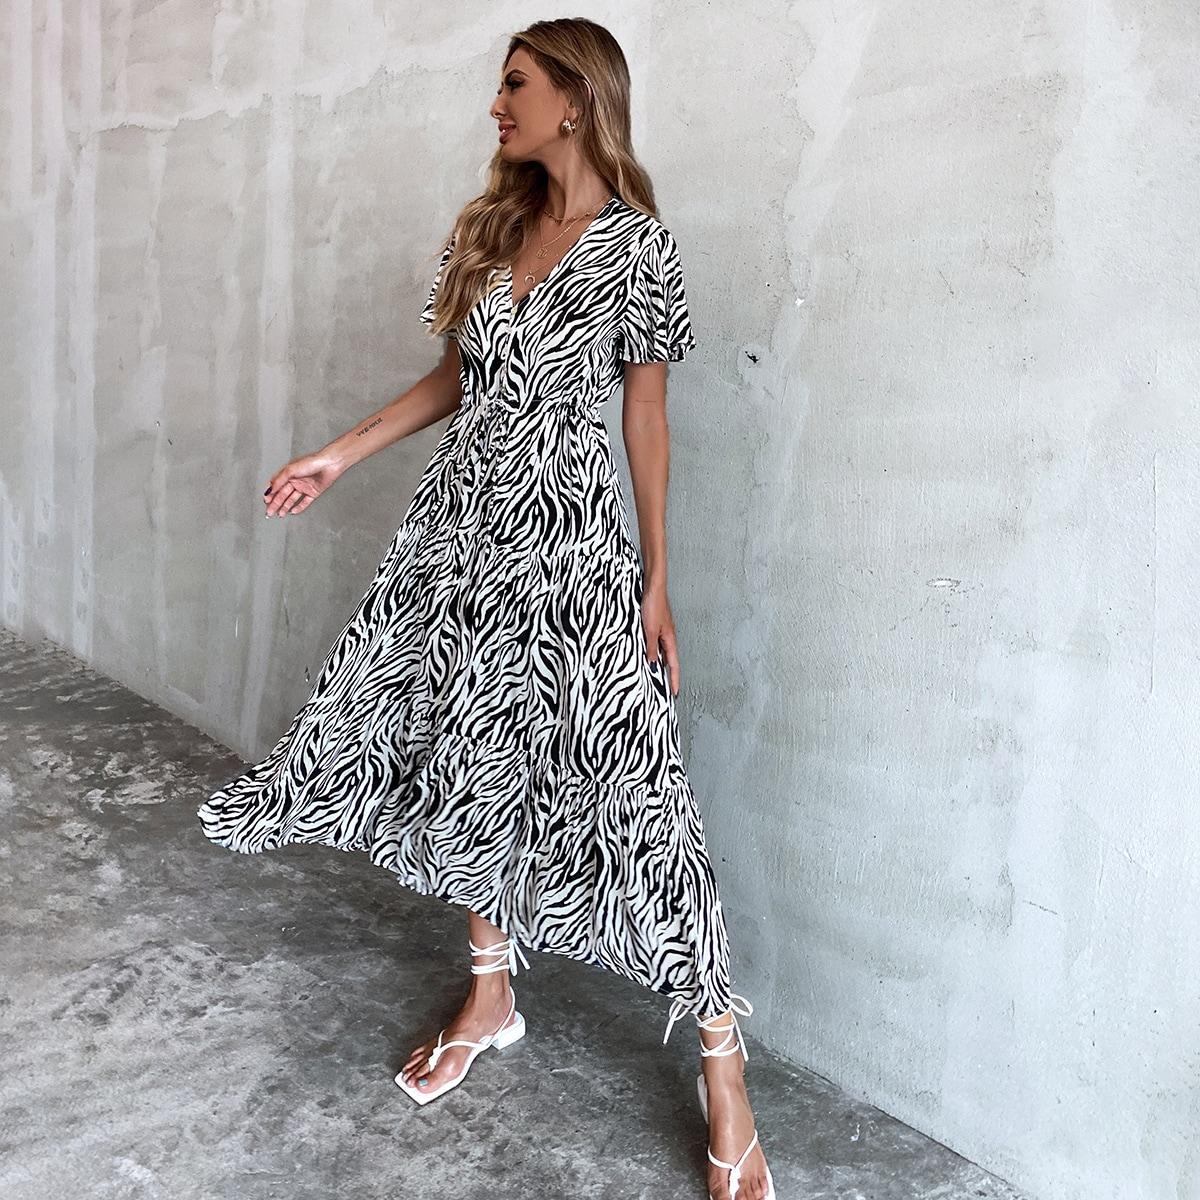 Zebra Stripe Drawstring Waist Dress, SHEIN  - buy with discount